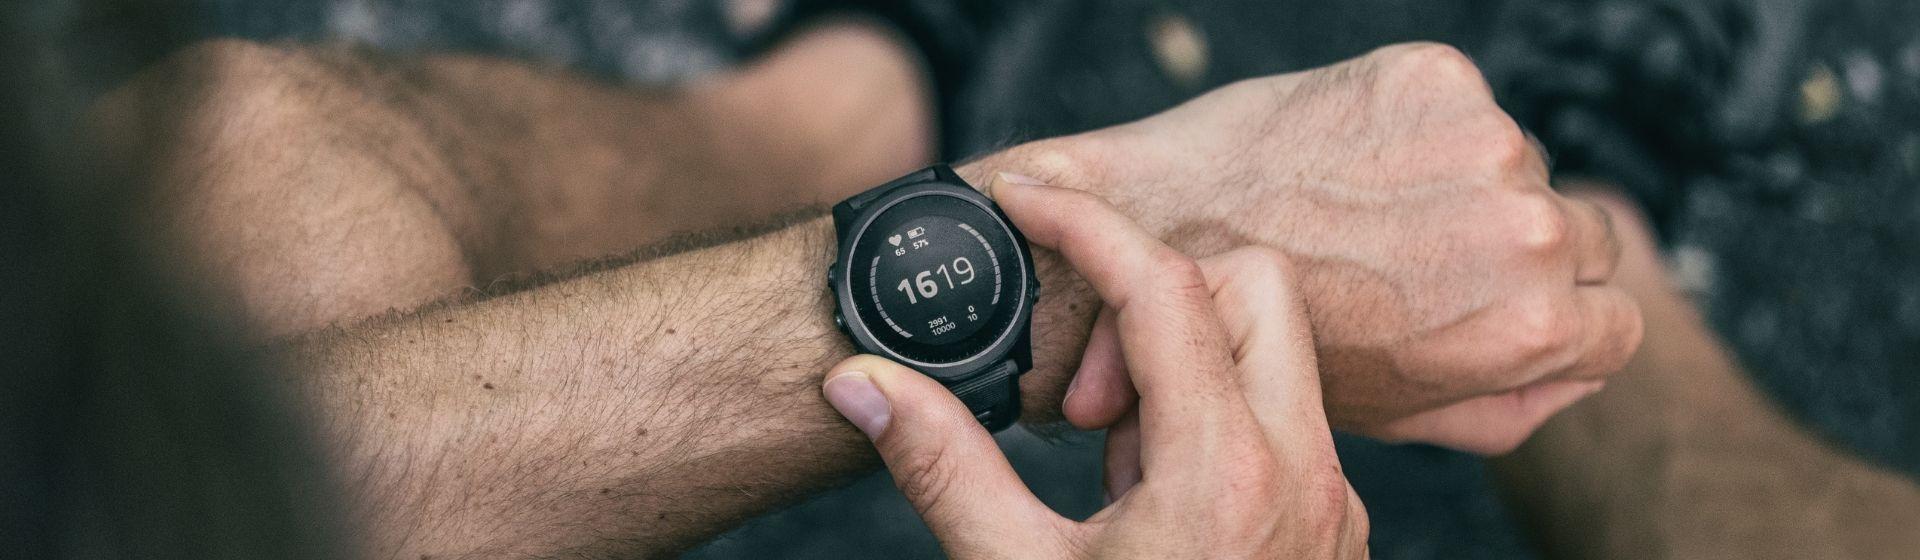 Smartwatches mais vendidos de abril de 2021: Apple Watch 3 na ponta